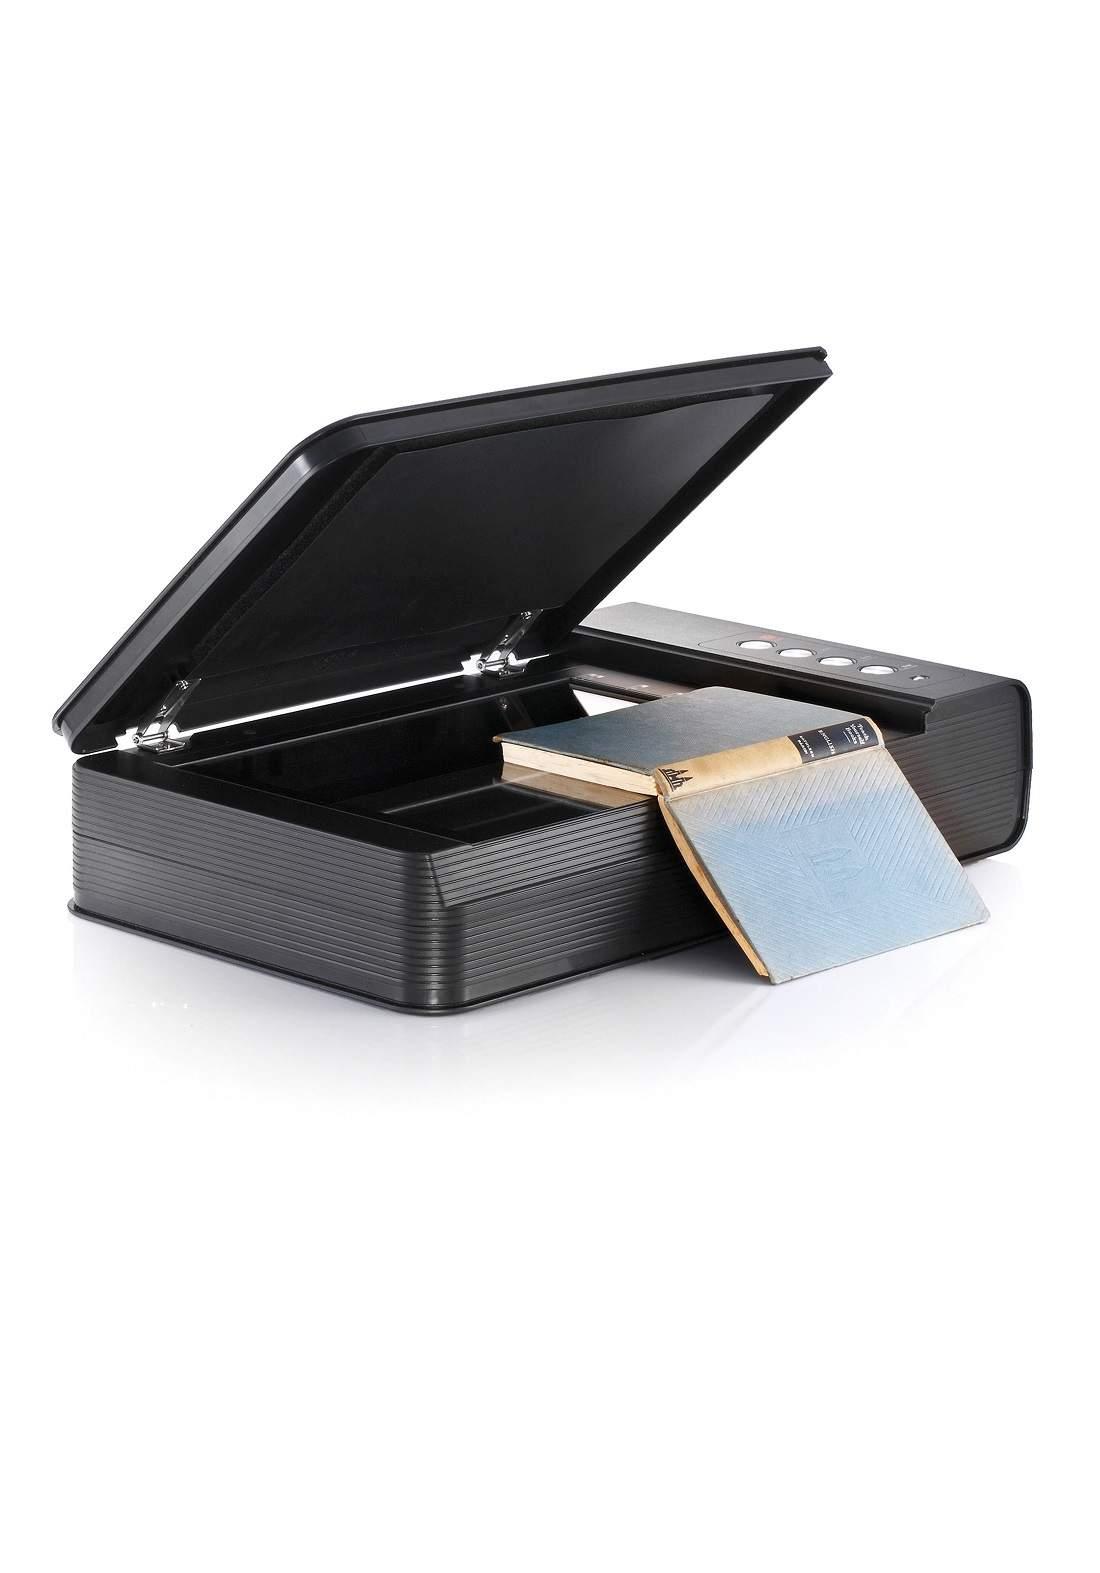 Plustek OpticBook 4800 Book Scanner - Black طابعة